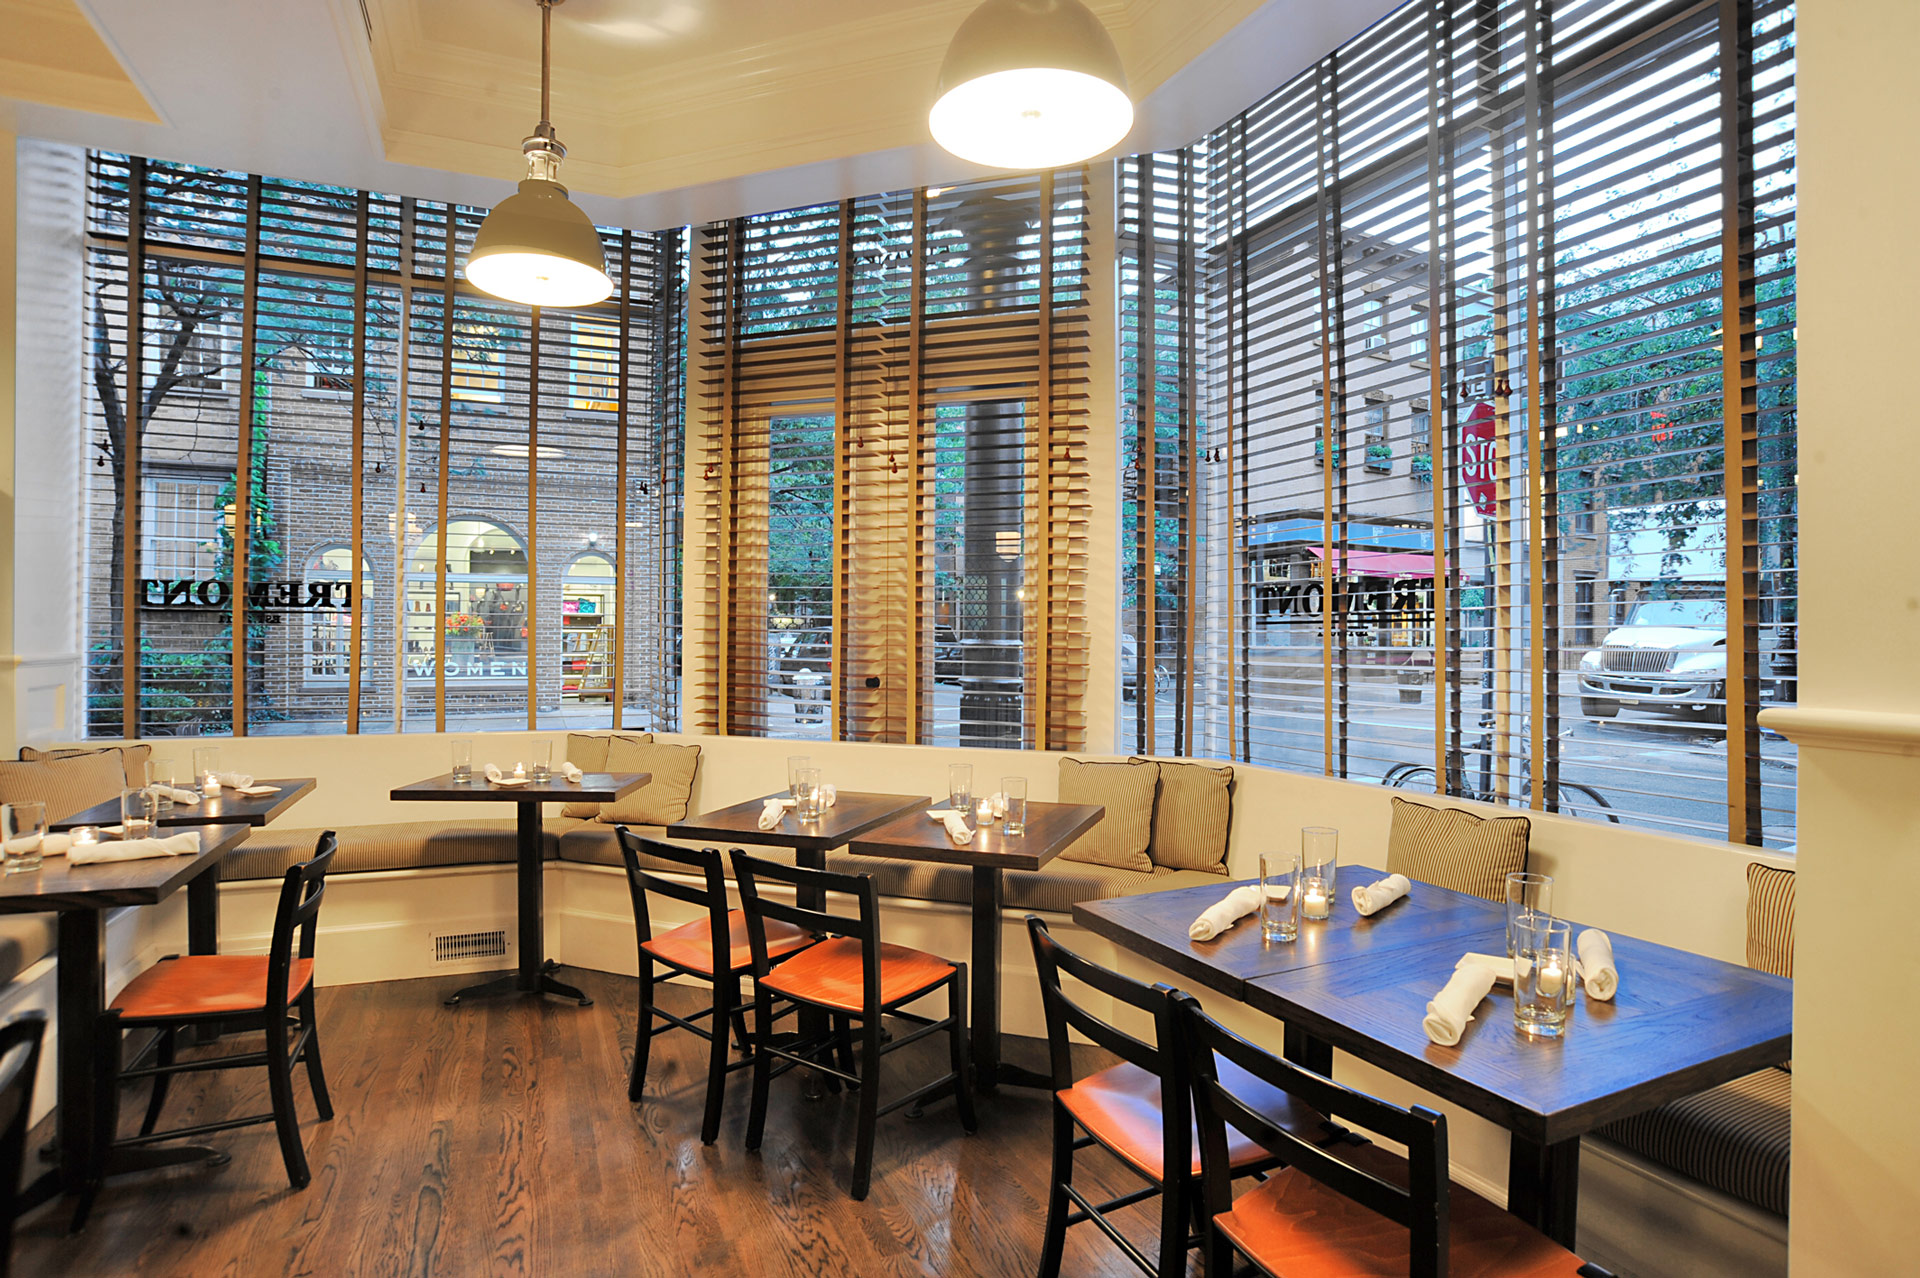 Tremont restaurant